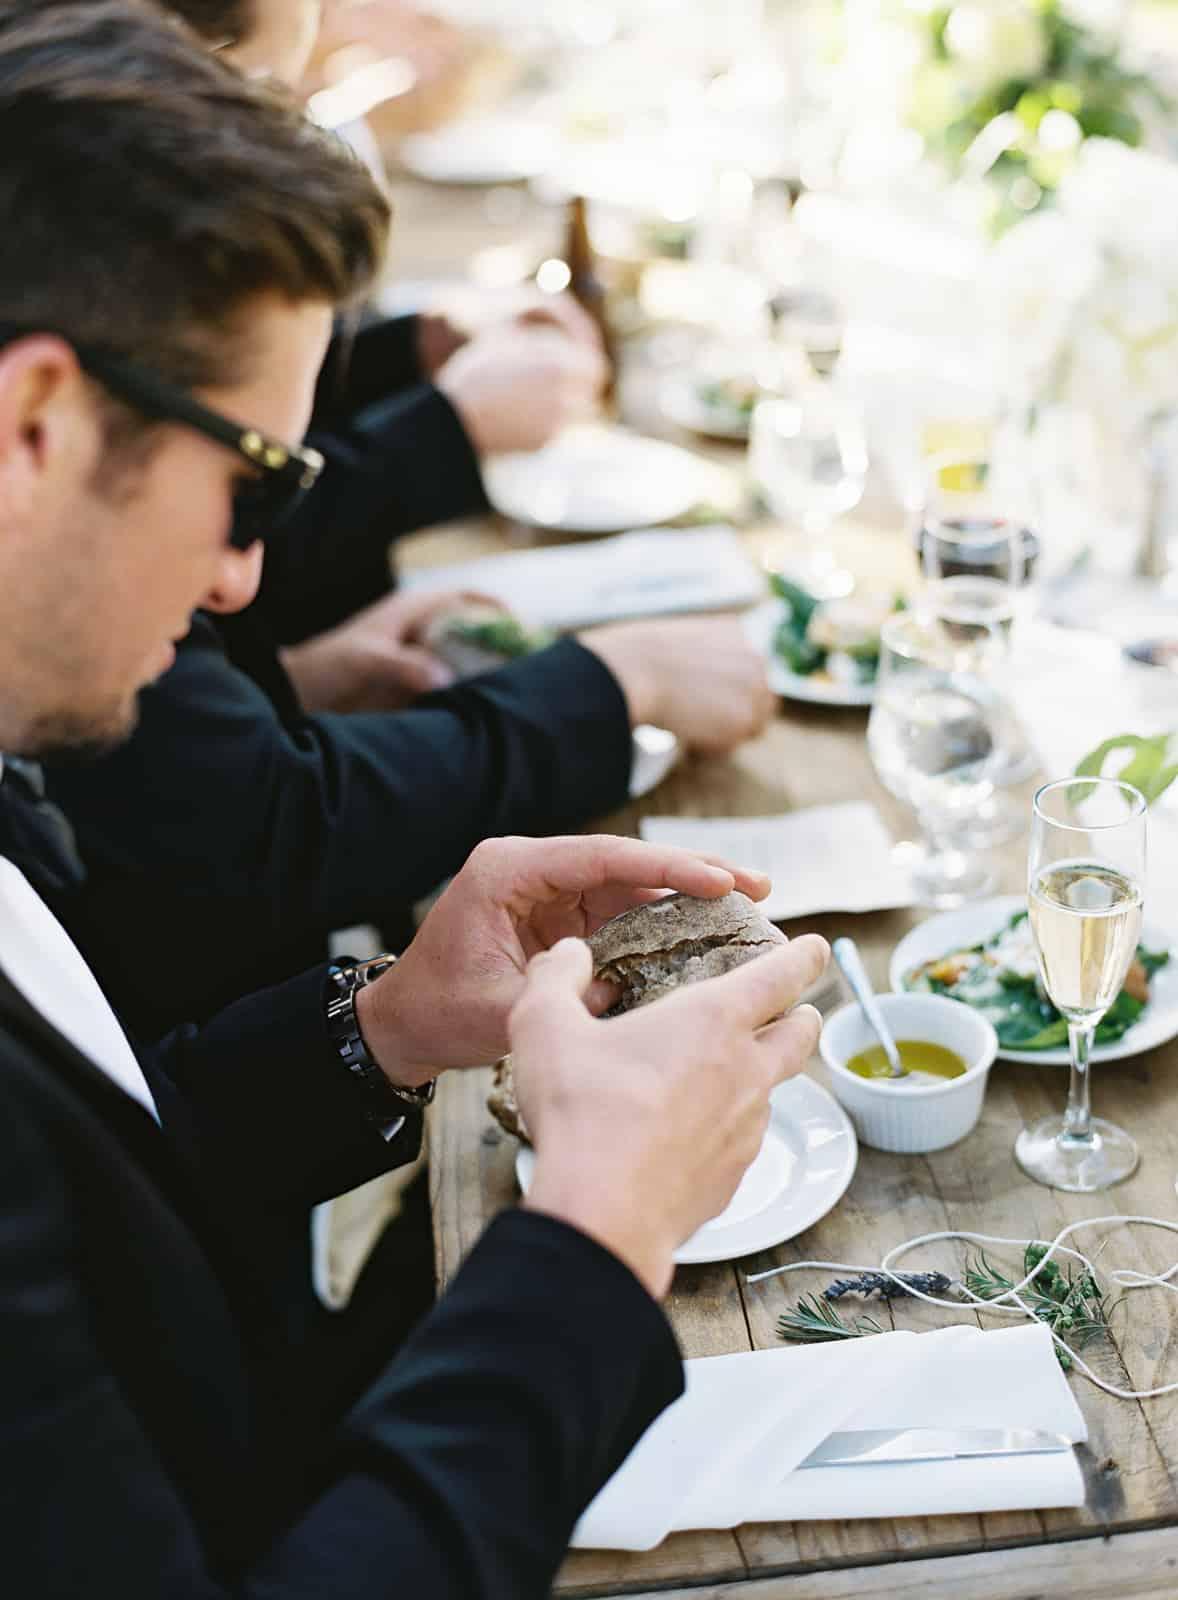 guest breaking bread